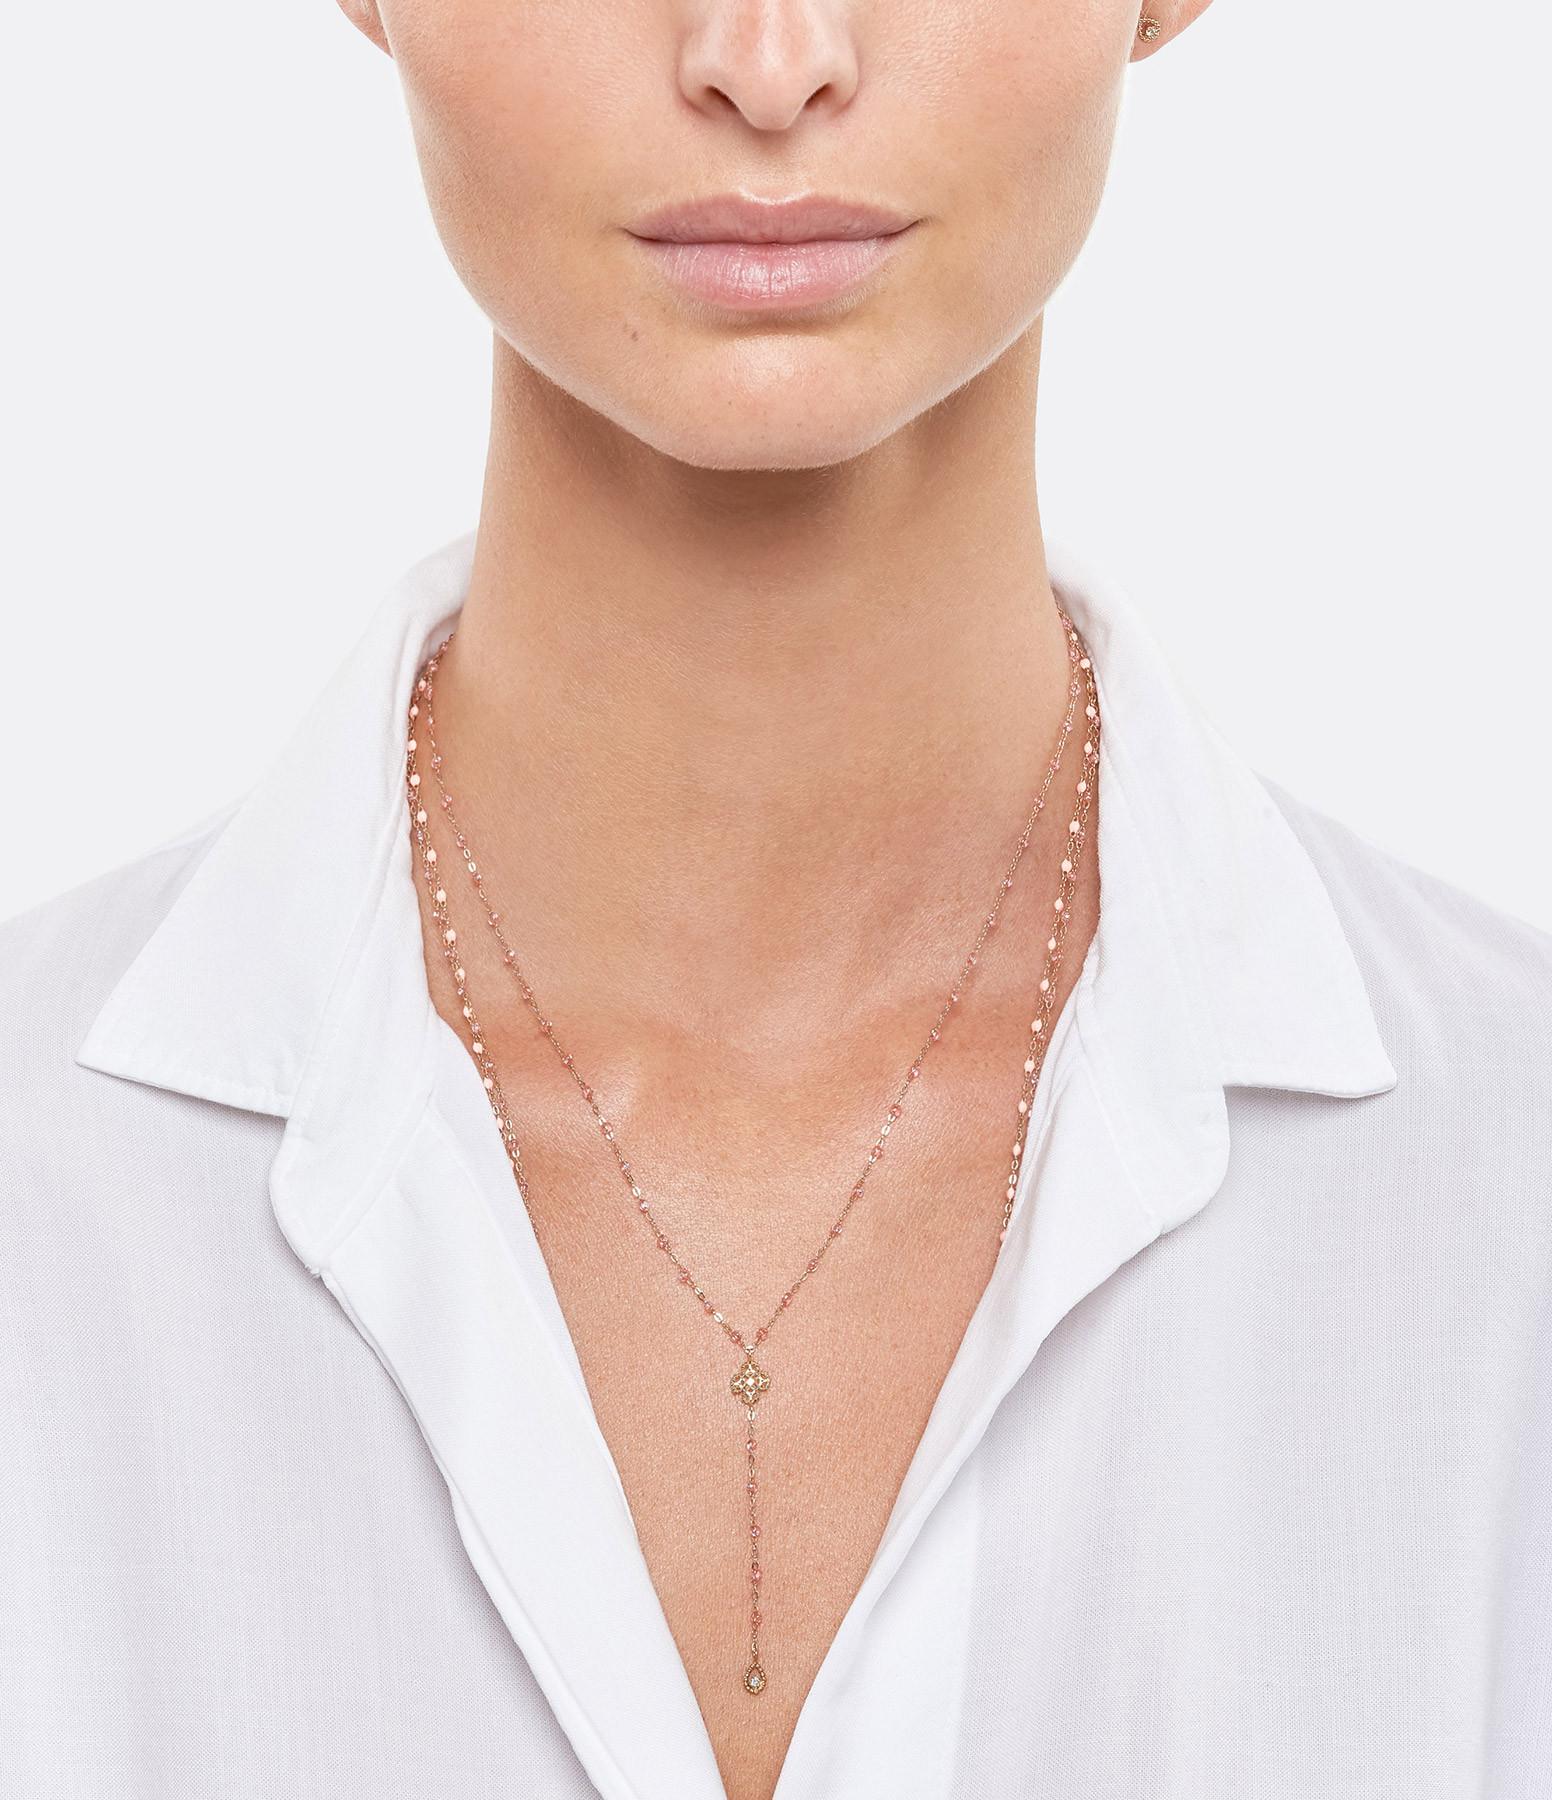 GIGI CLOZEAU - Collier Chapelet Lucky Trèfle Perles Résine Or Diamants